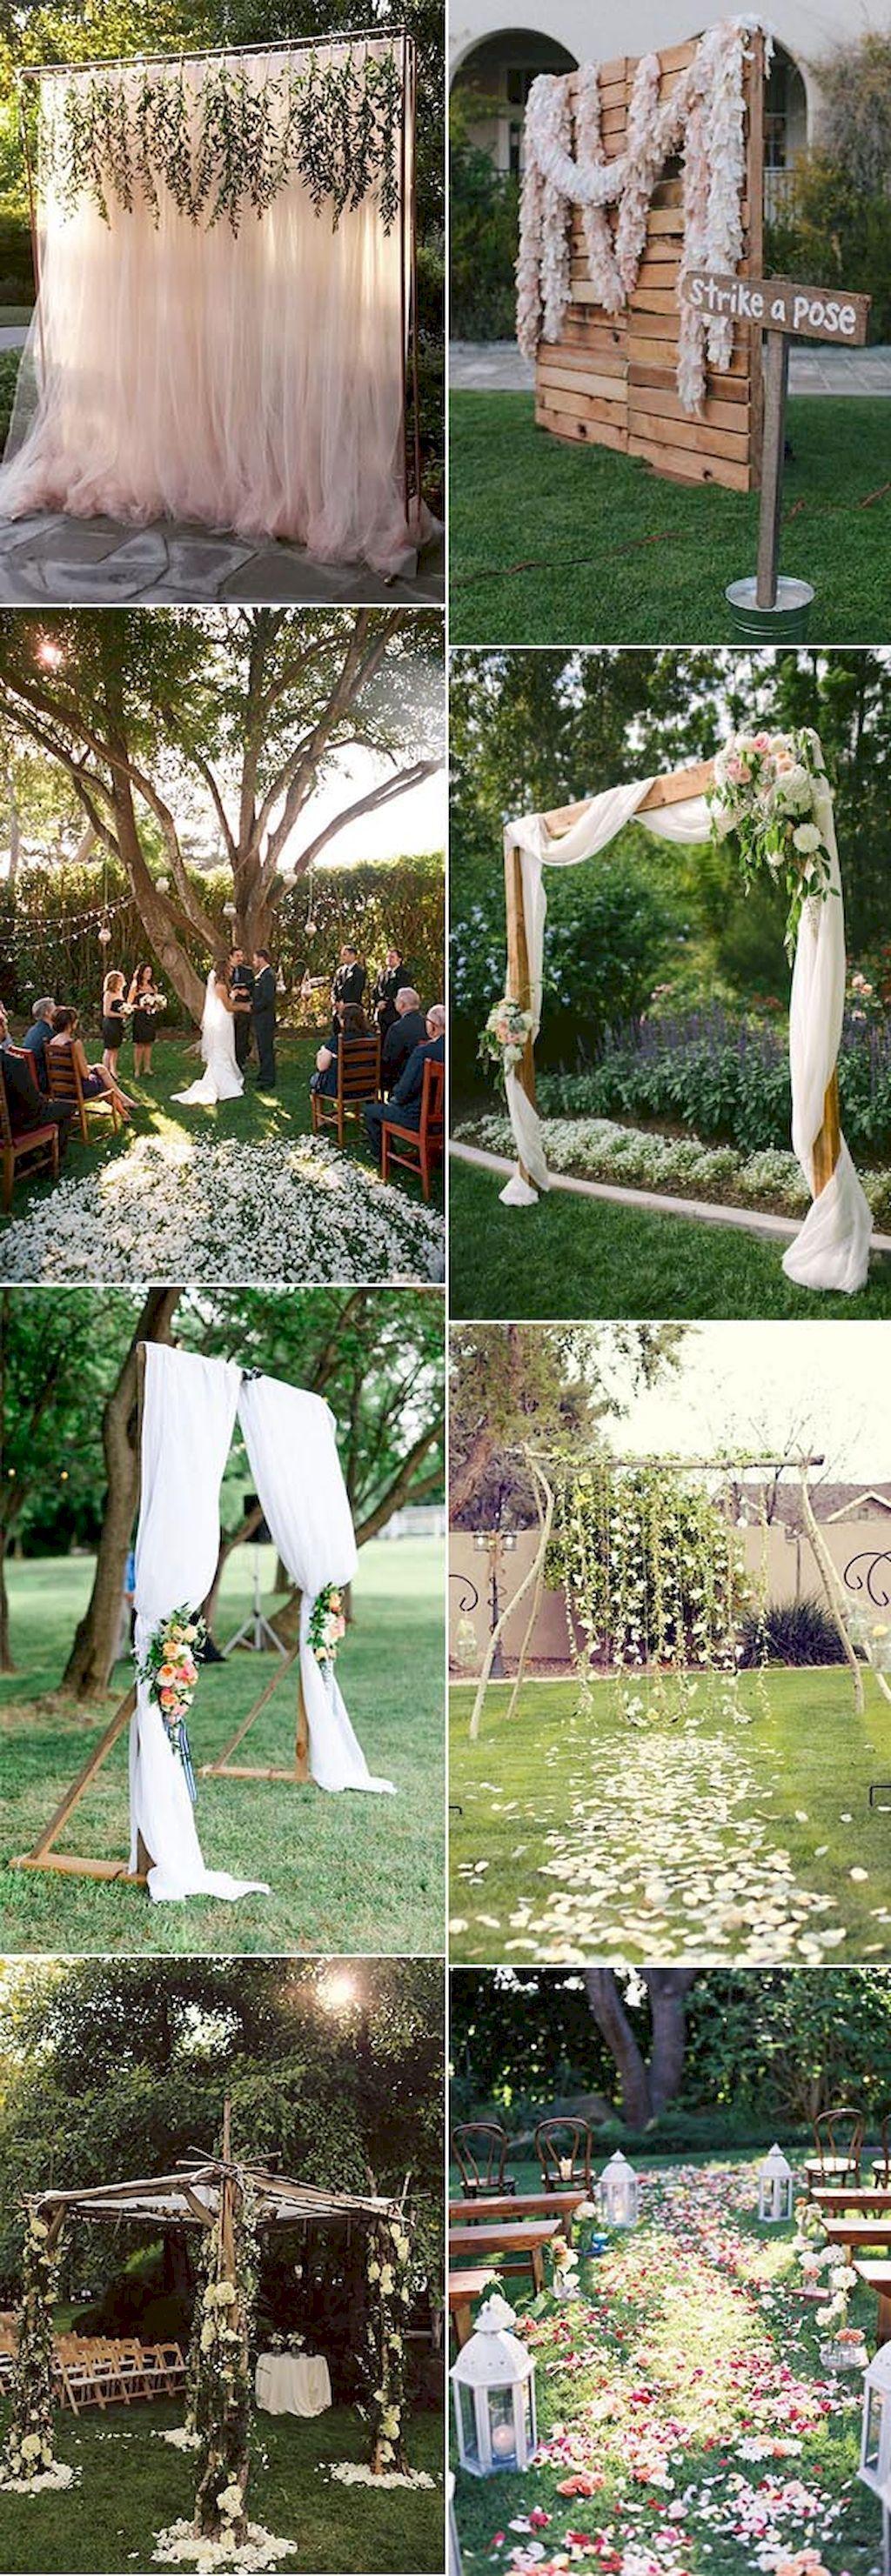 56 inexpensive backyard wedding decor ideas backyard weddings